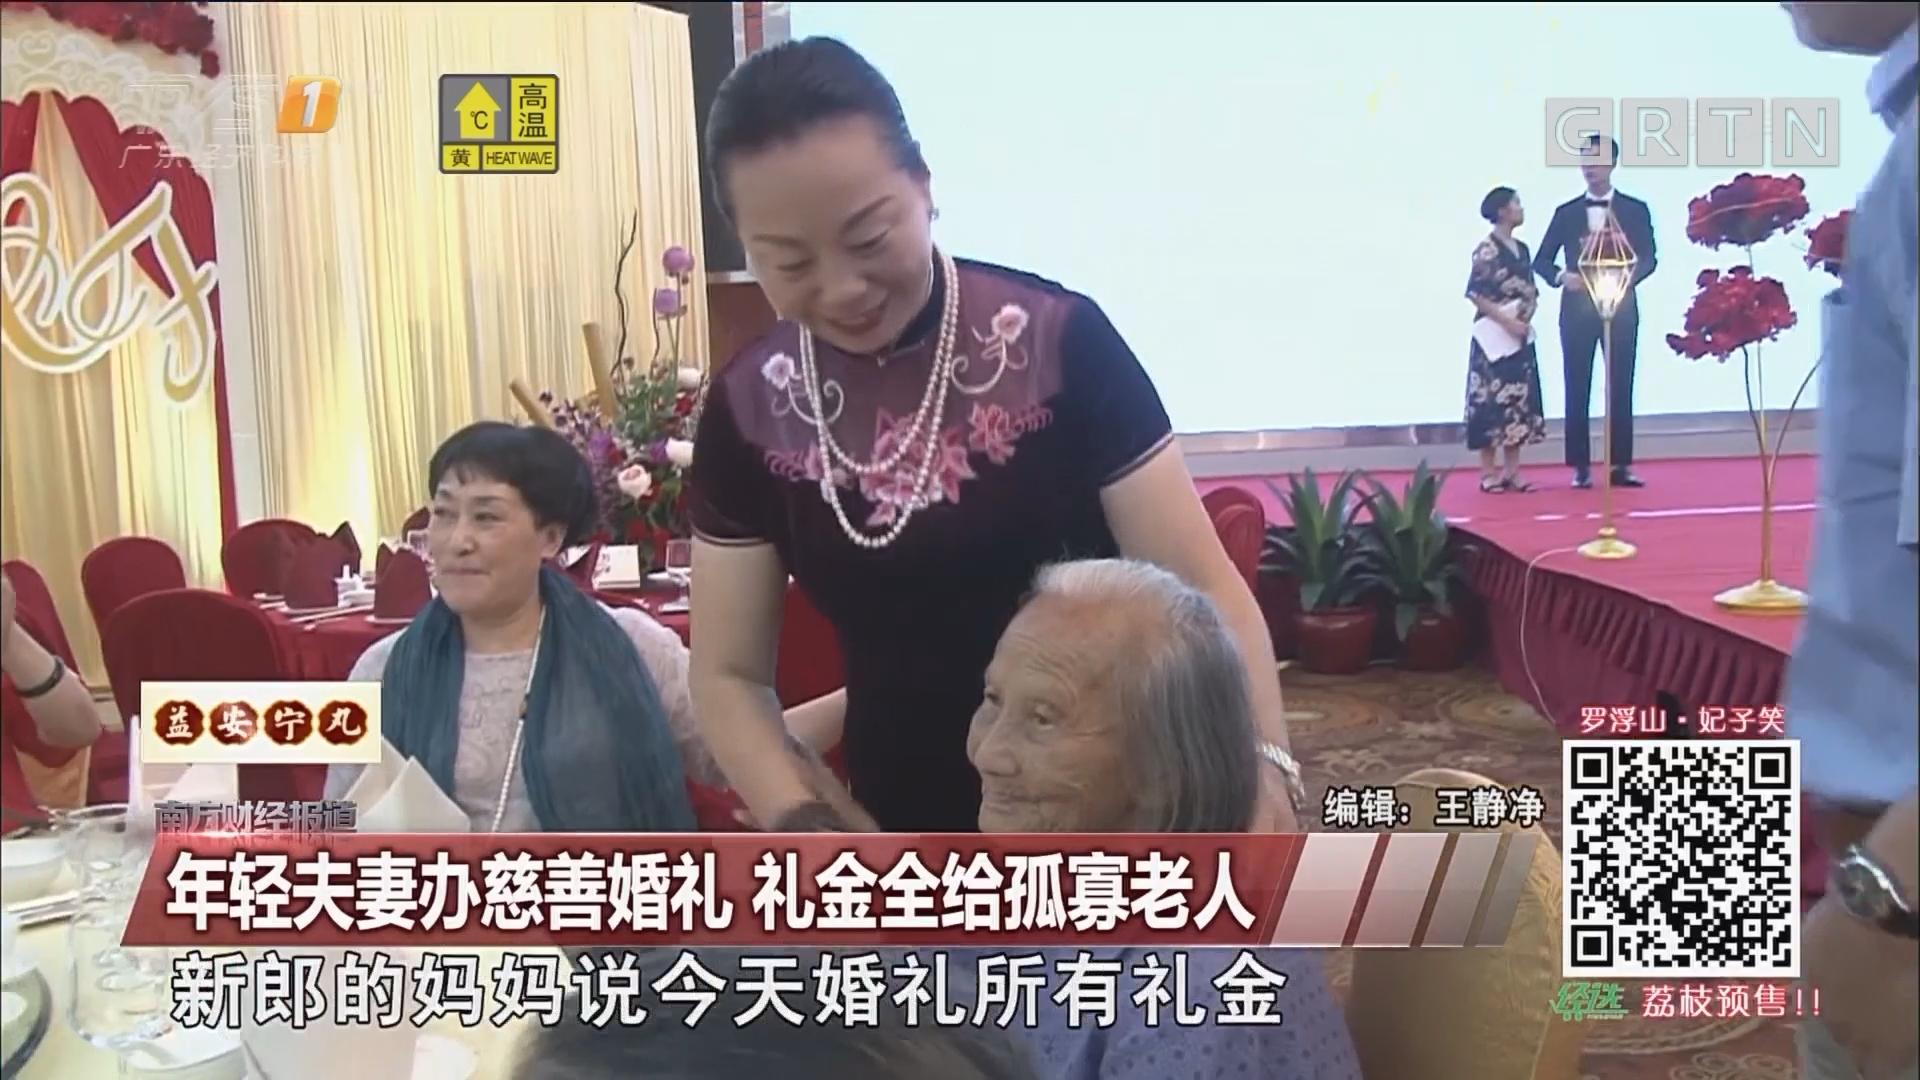 年轻夫妻办慈善婚礼 礼金全给孤寡老人